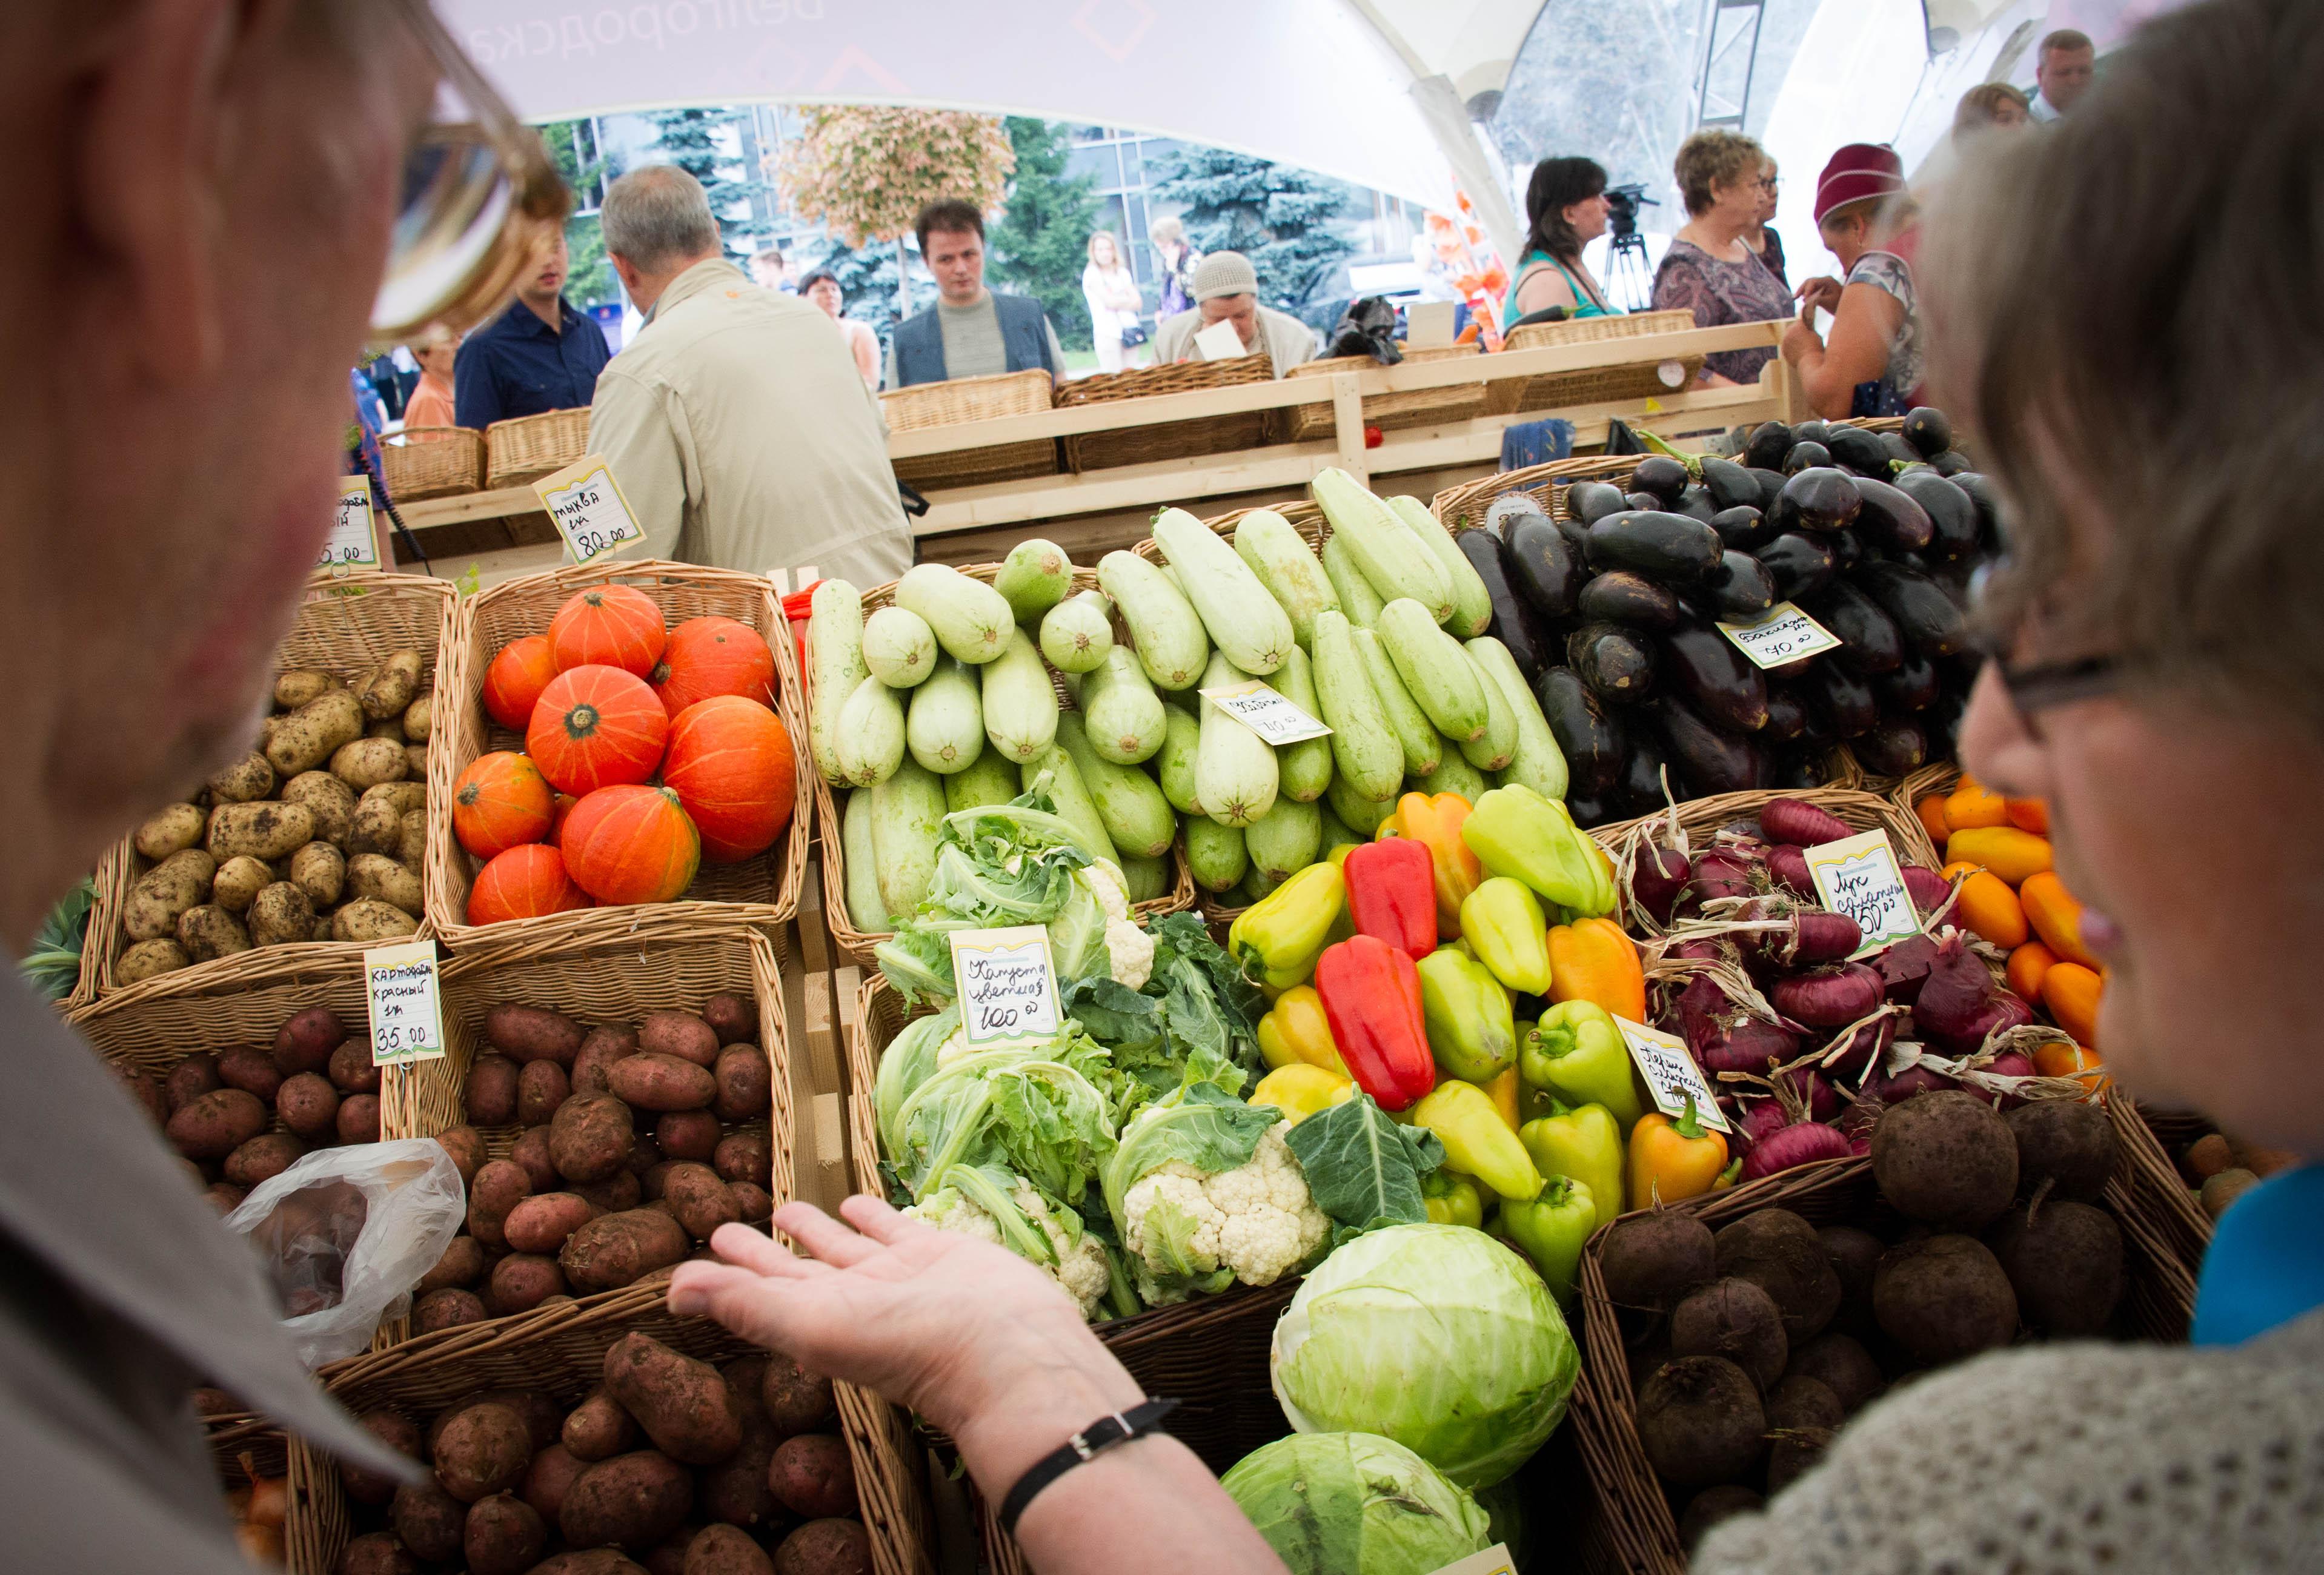 В Павлодаре подвели итоги сельскохозяйственной ярмарки в Астане, Павлодар, Итоги, Ярмарка, Астана